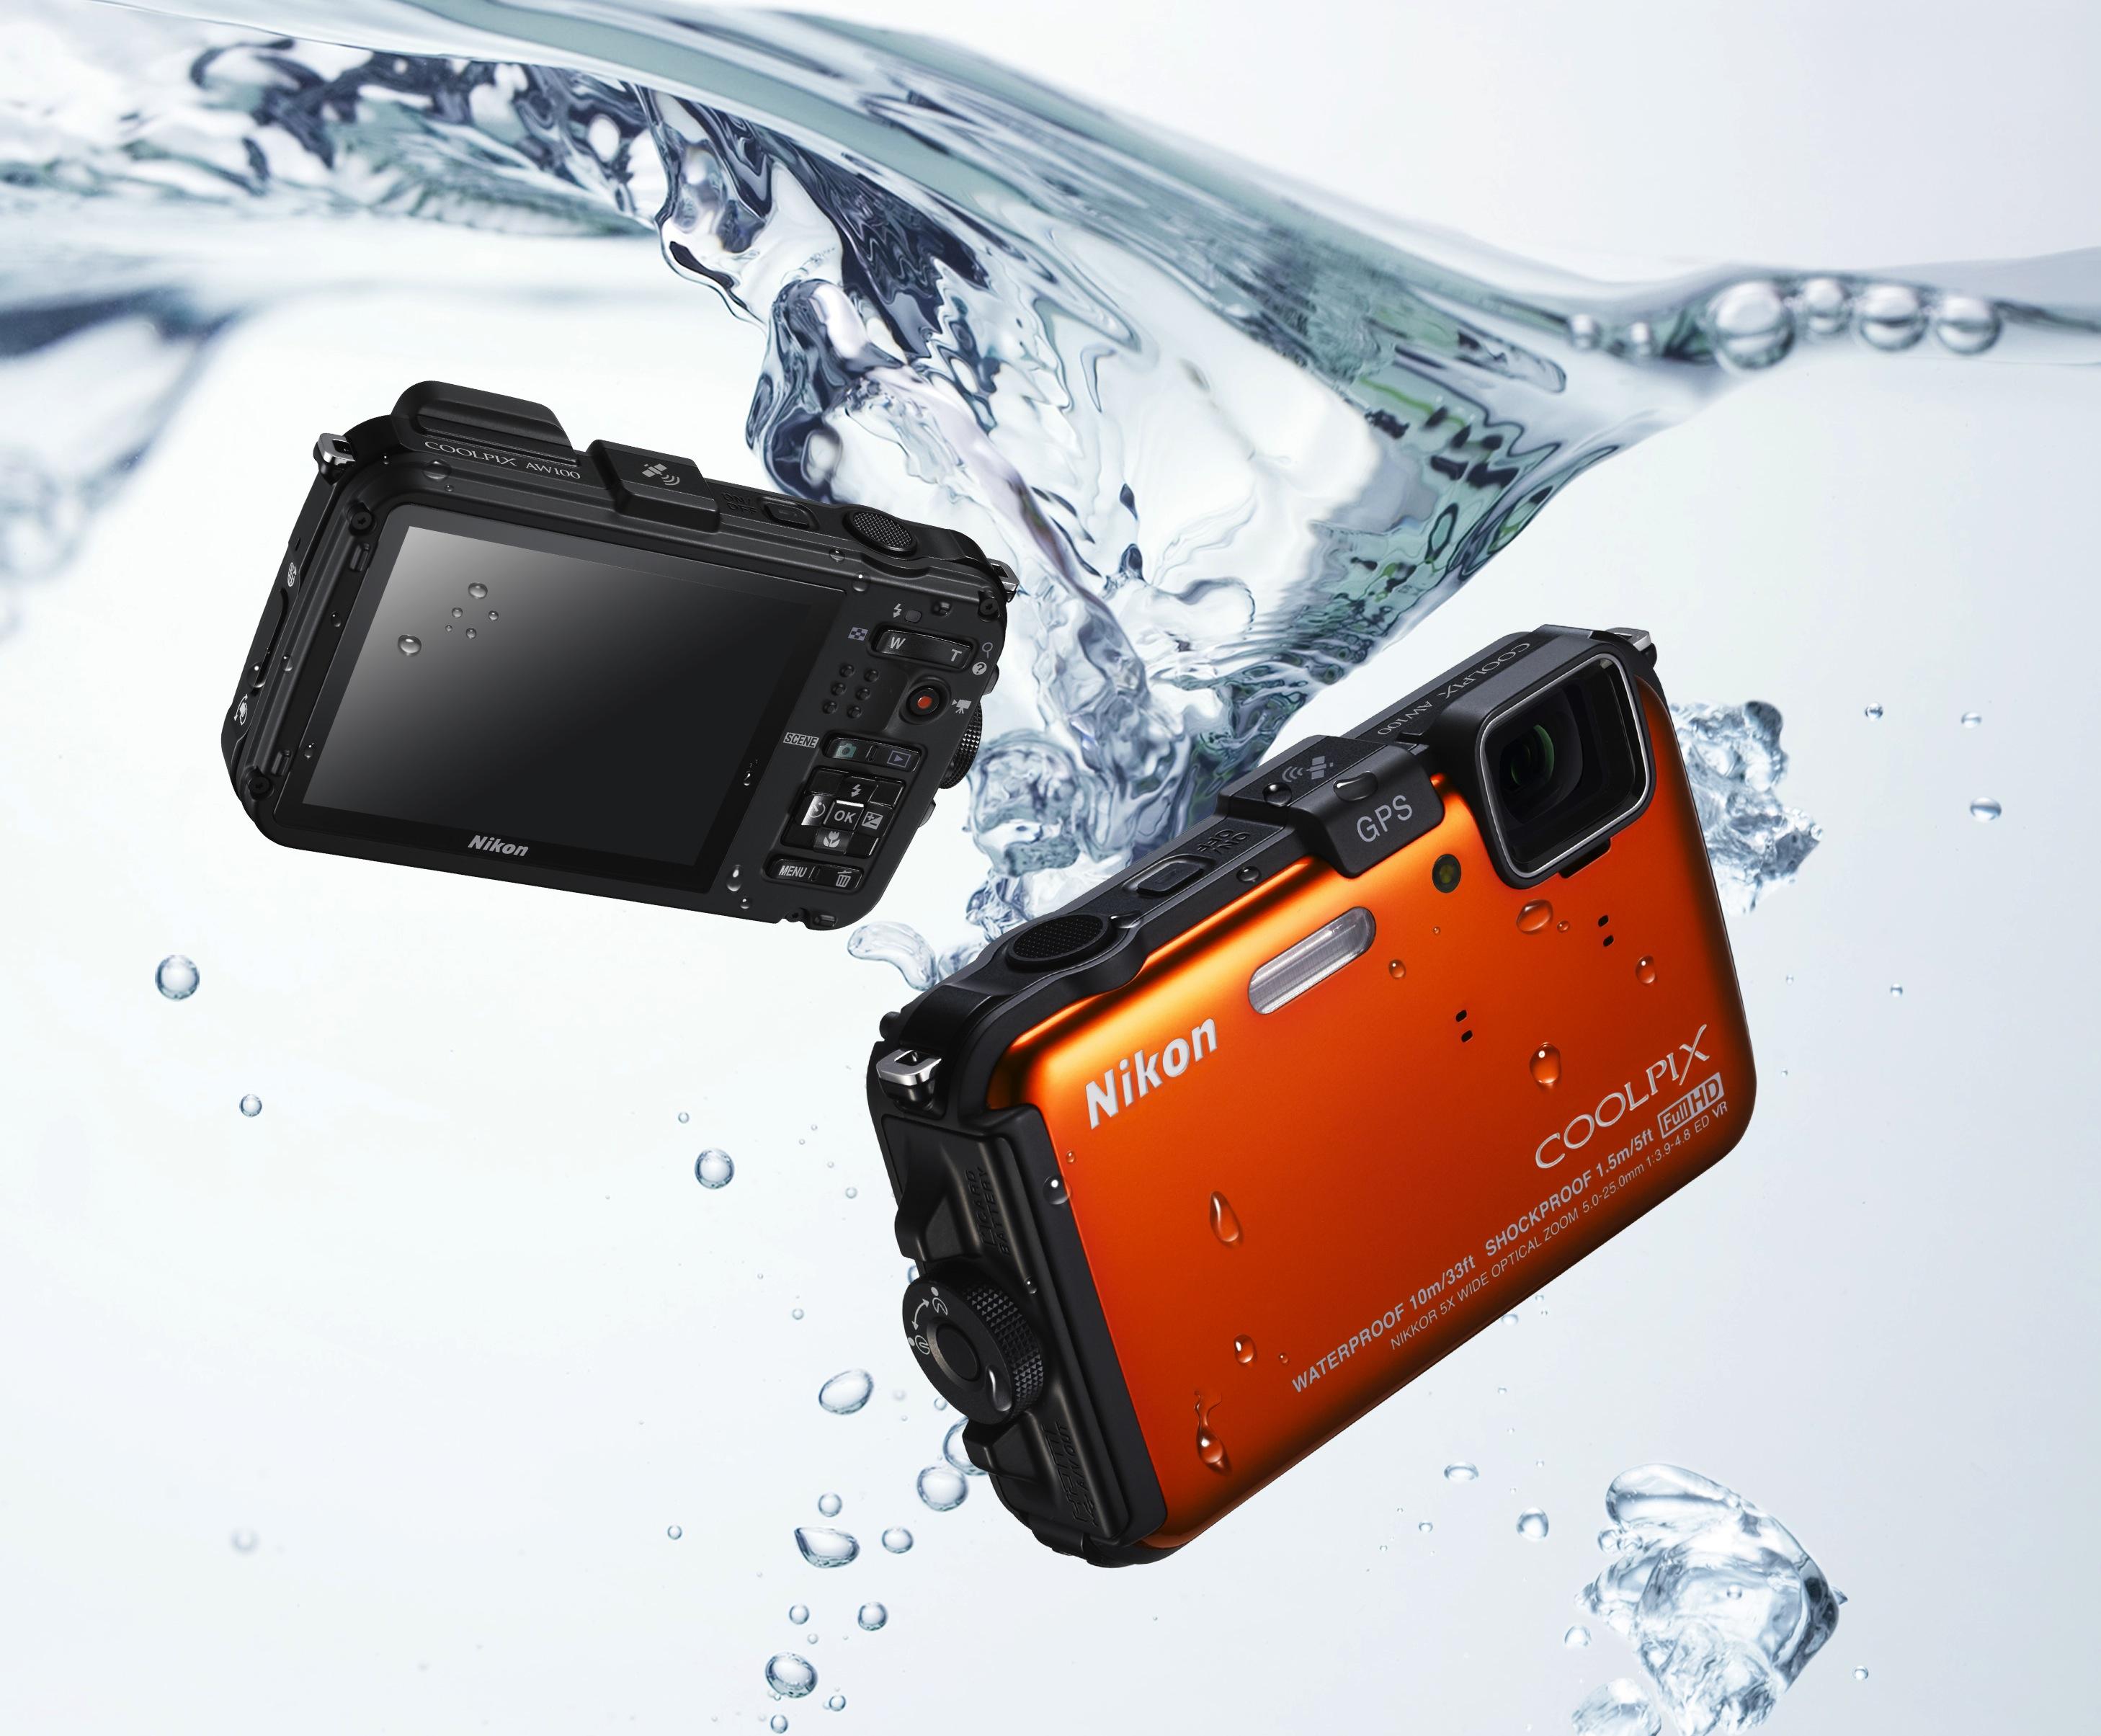 Nikon Coolpix S3100 Инструкция Как Зарядить